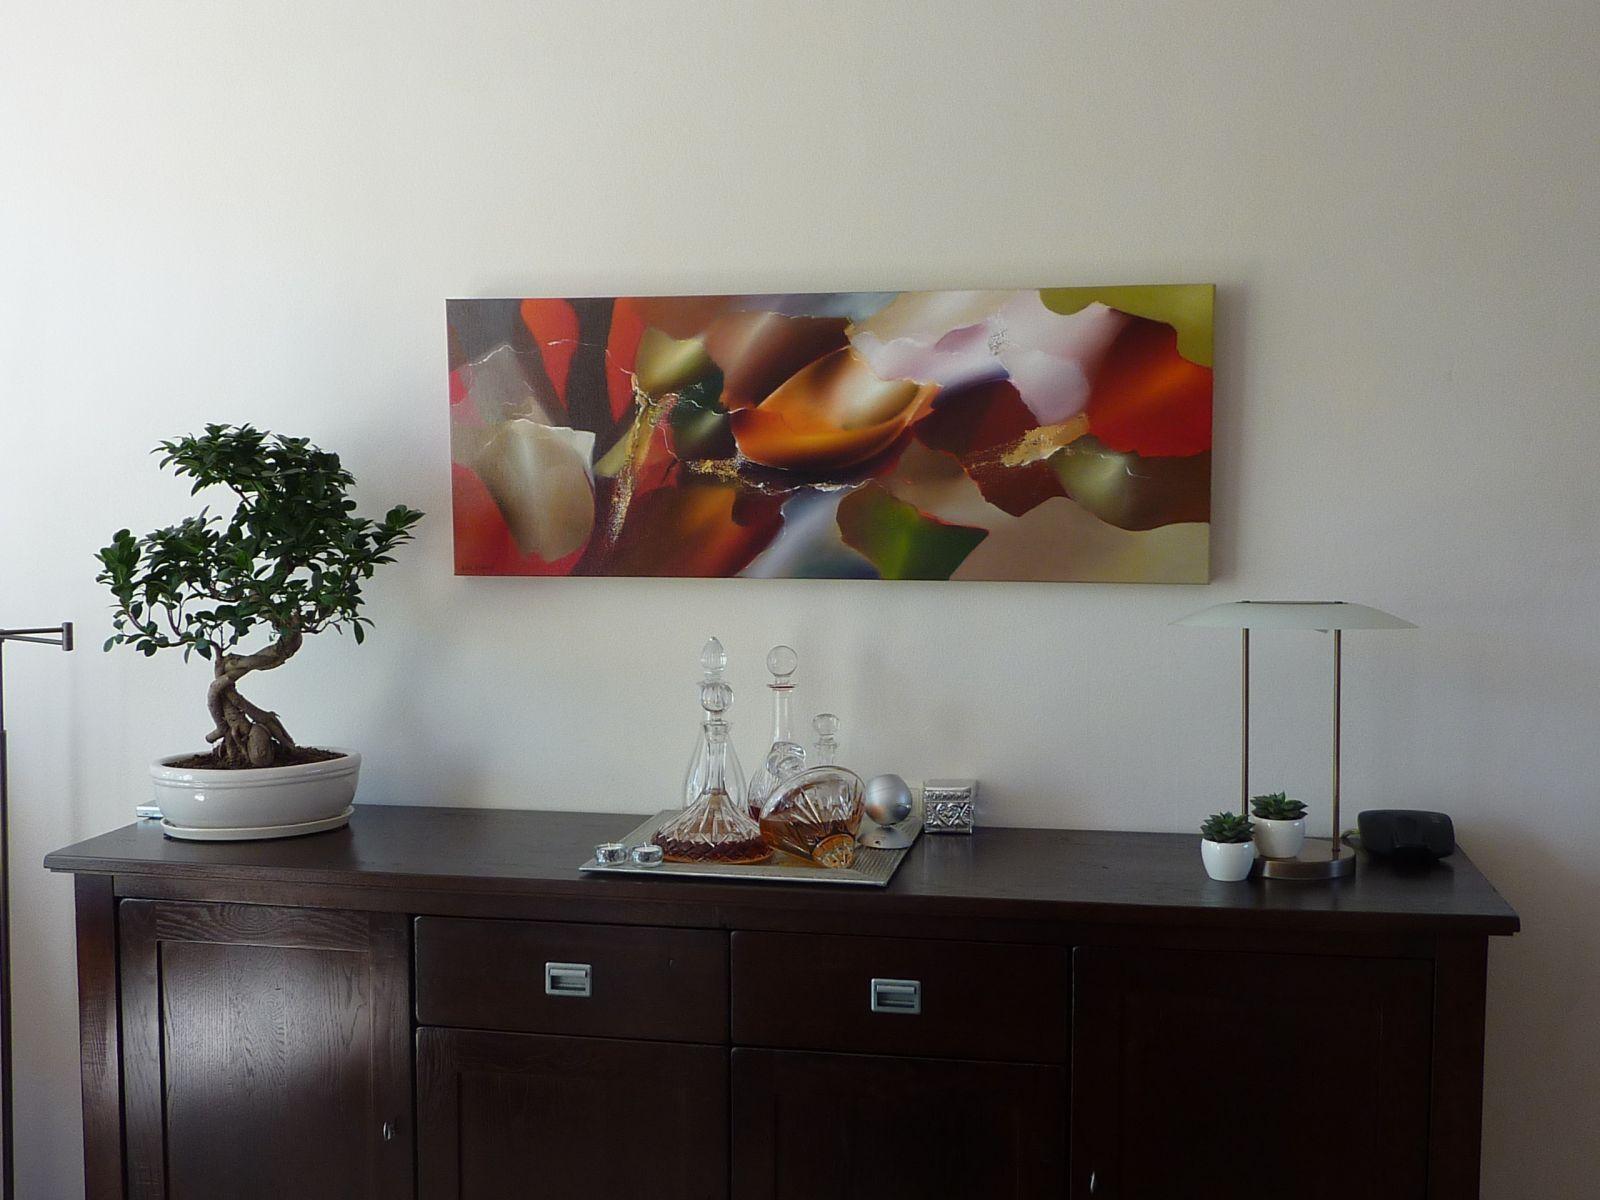 Modern Interieur Schilderij : Top schilderijen modern interieur usw agneswamu